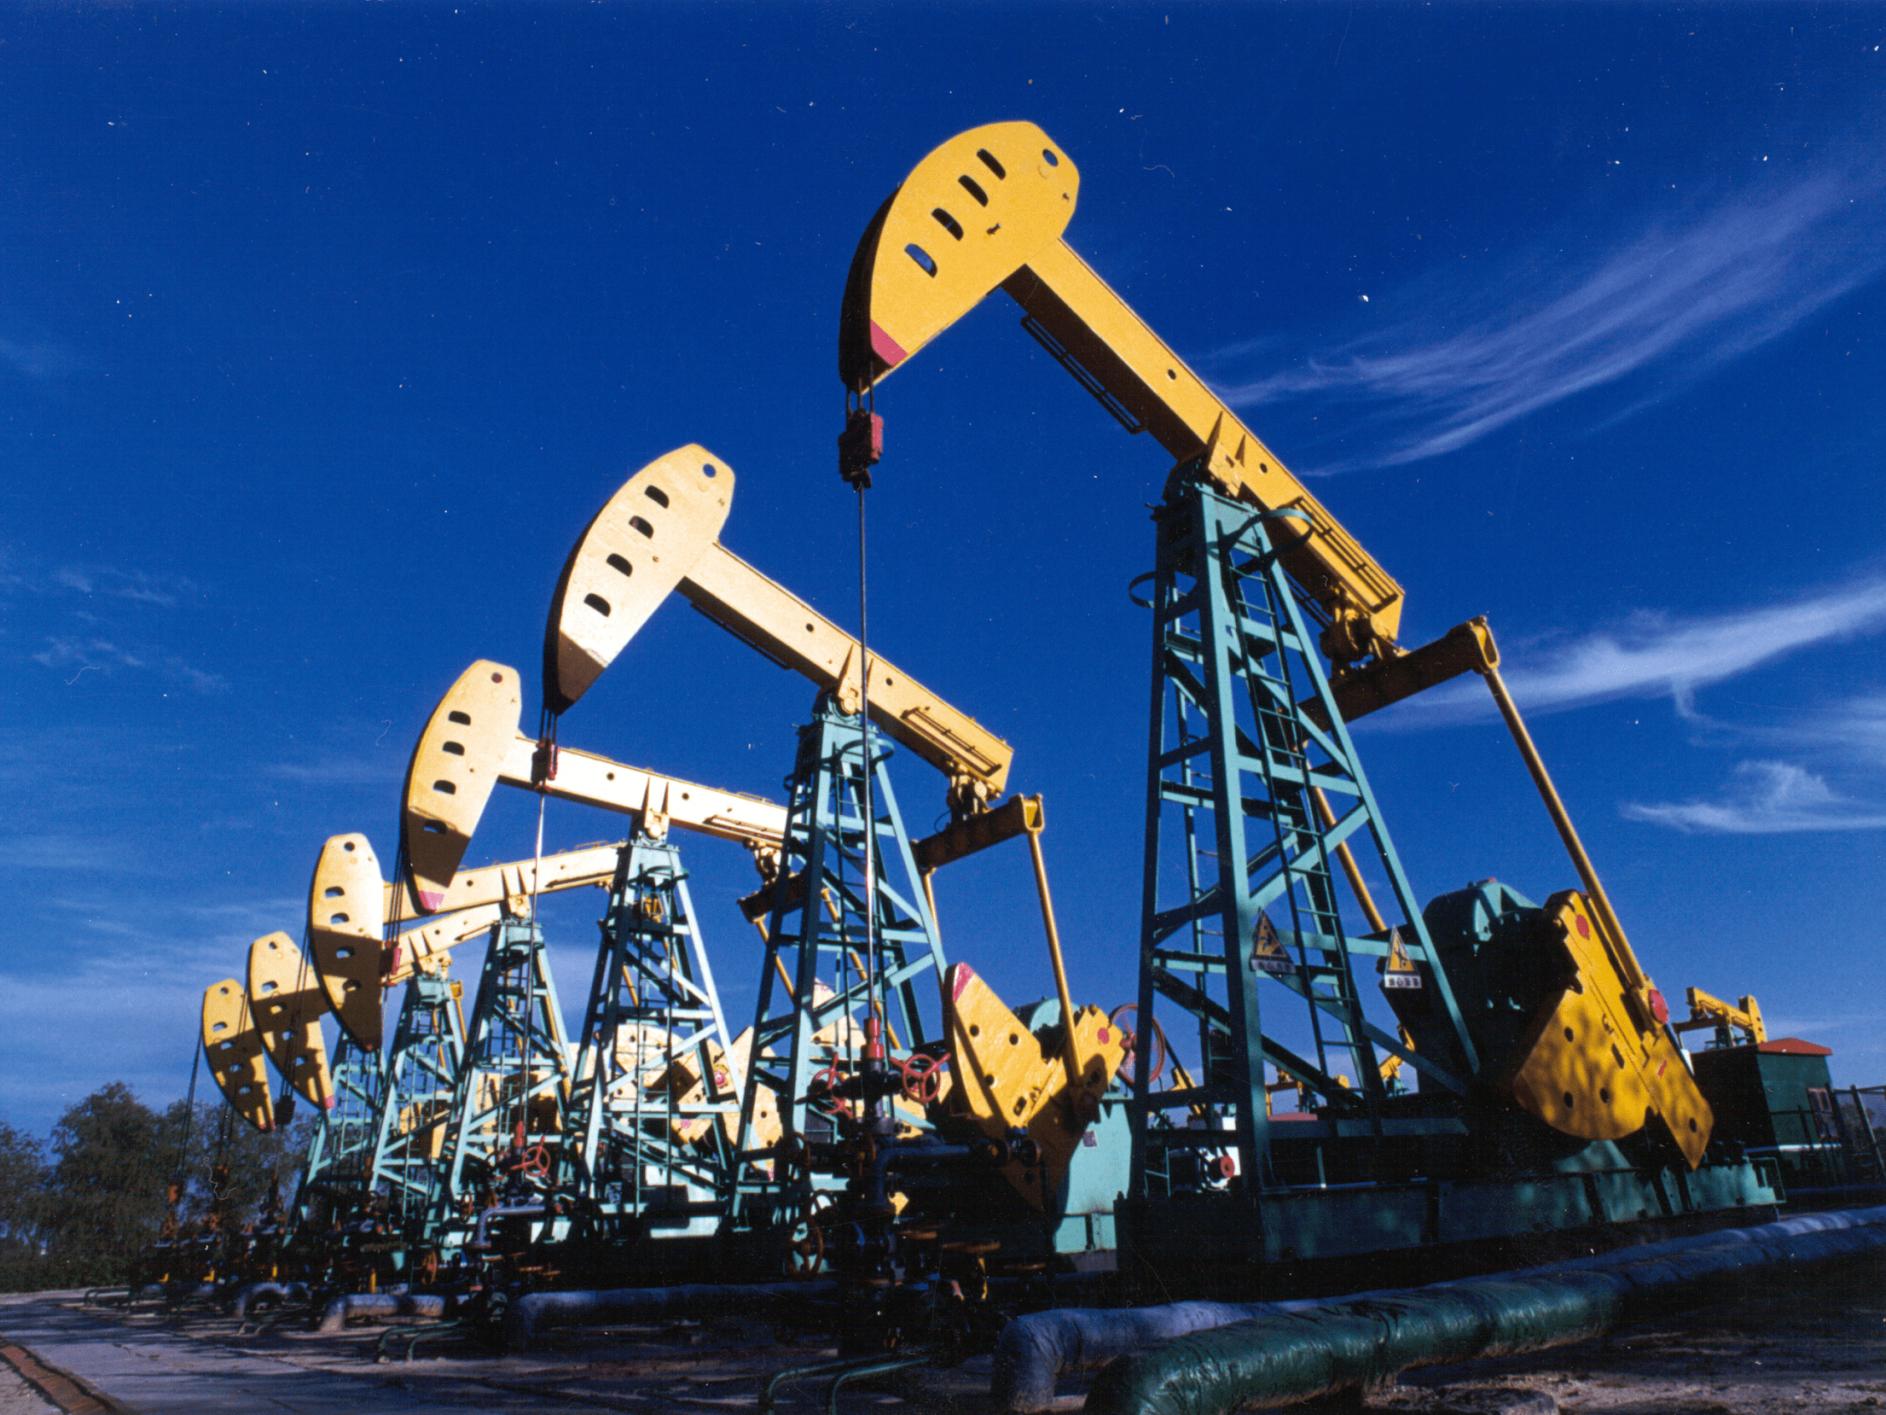 不忘初心强国梦  振兴发展向百年-热烈庆祝大庆油田发现60周年